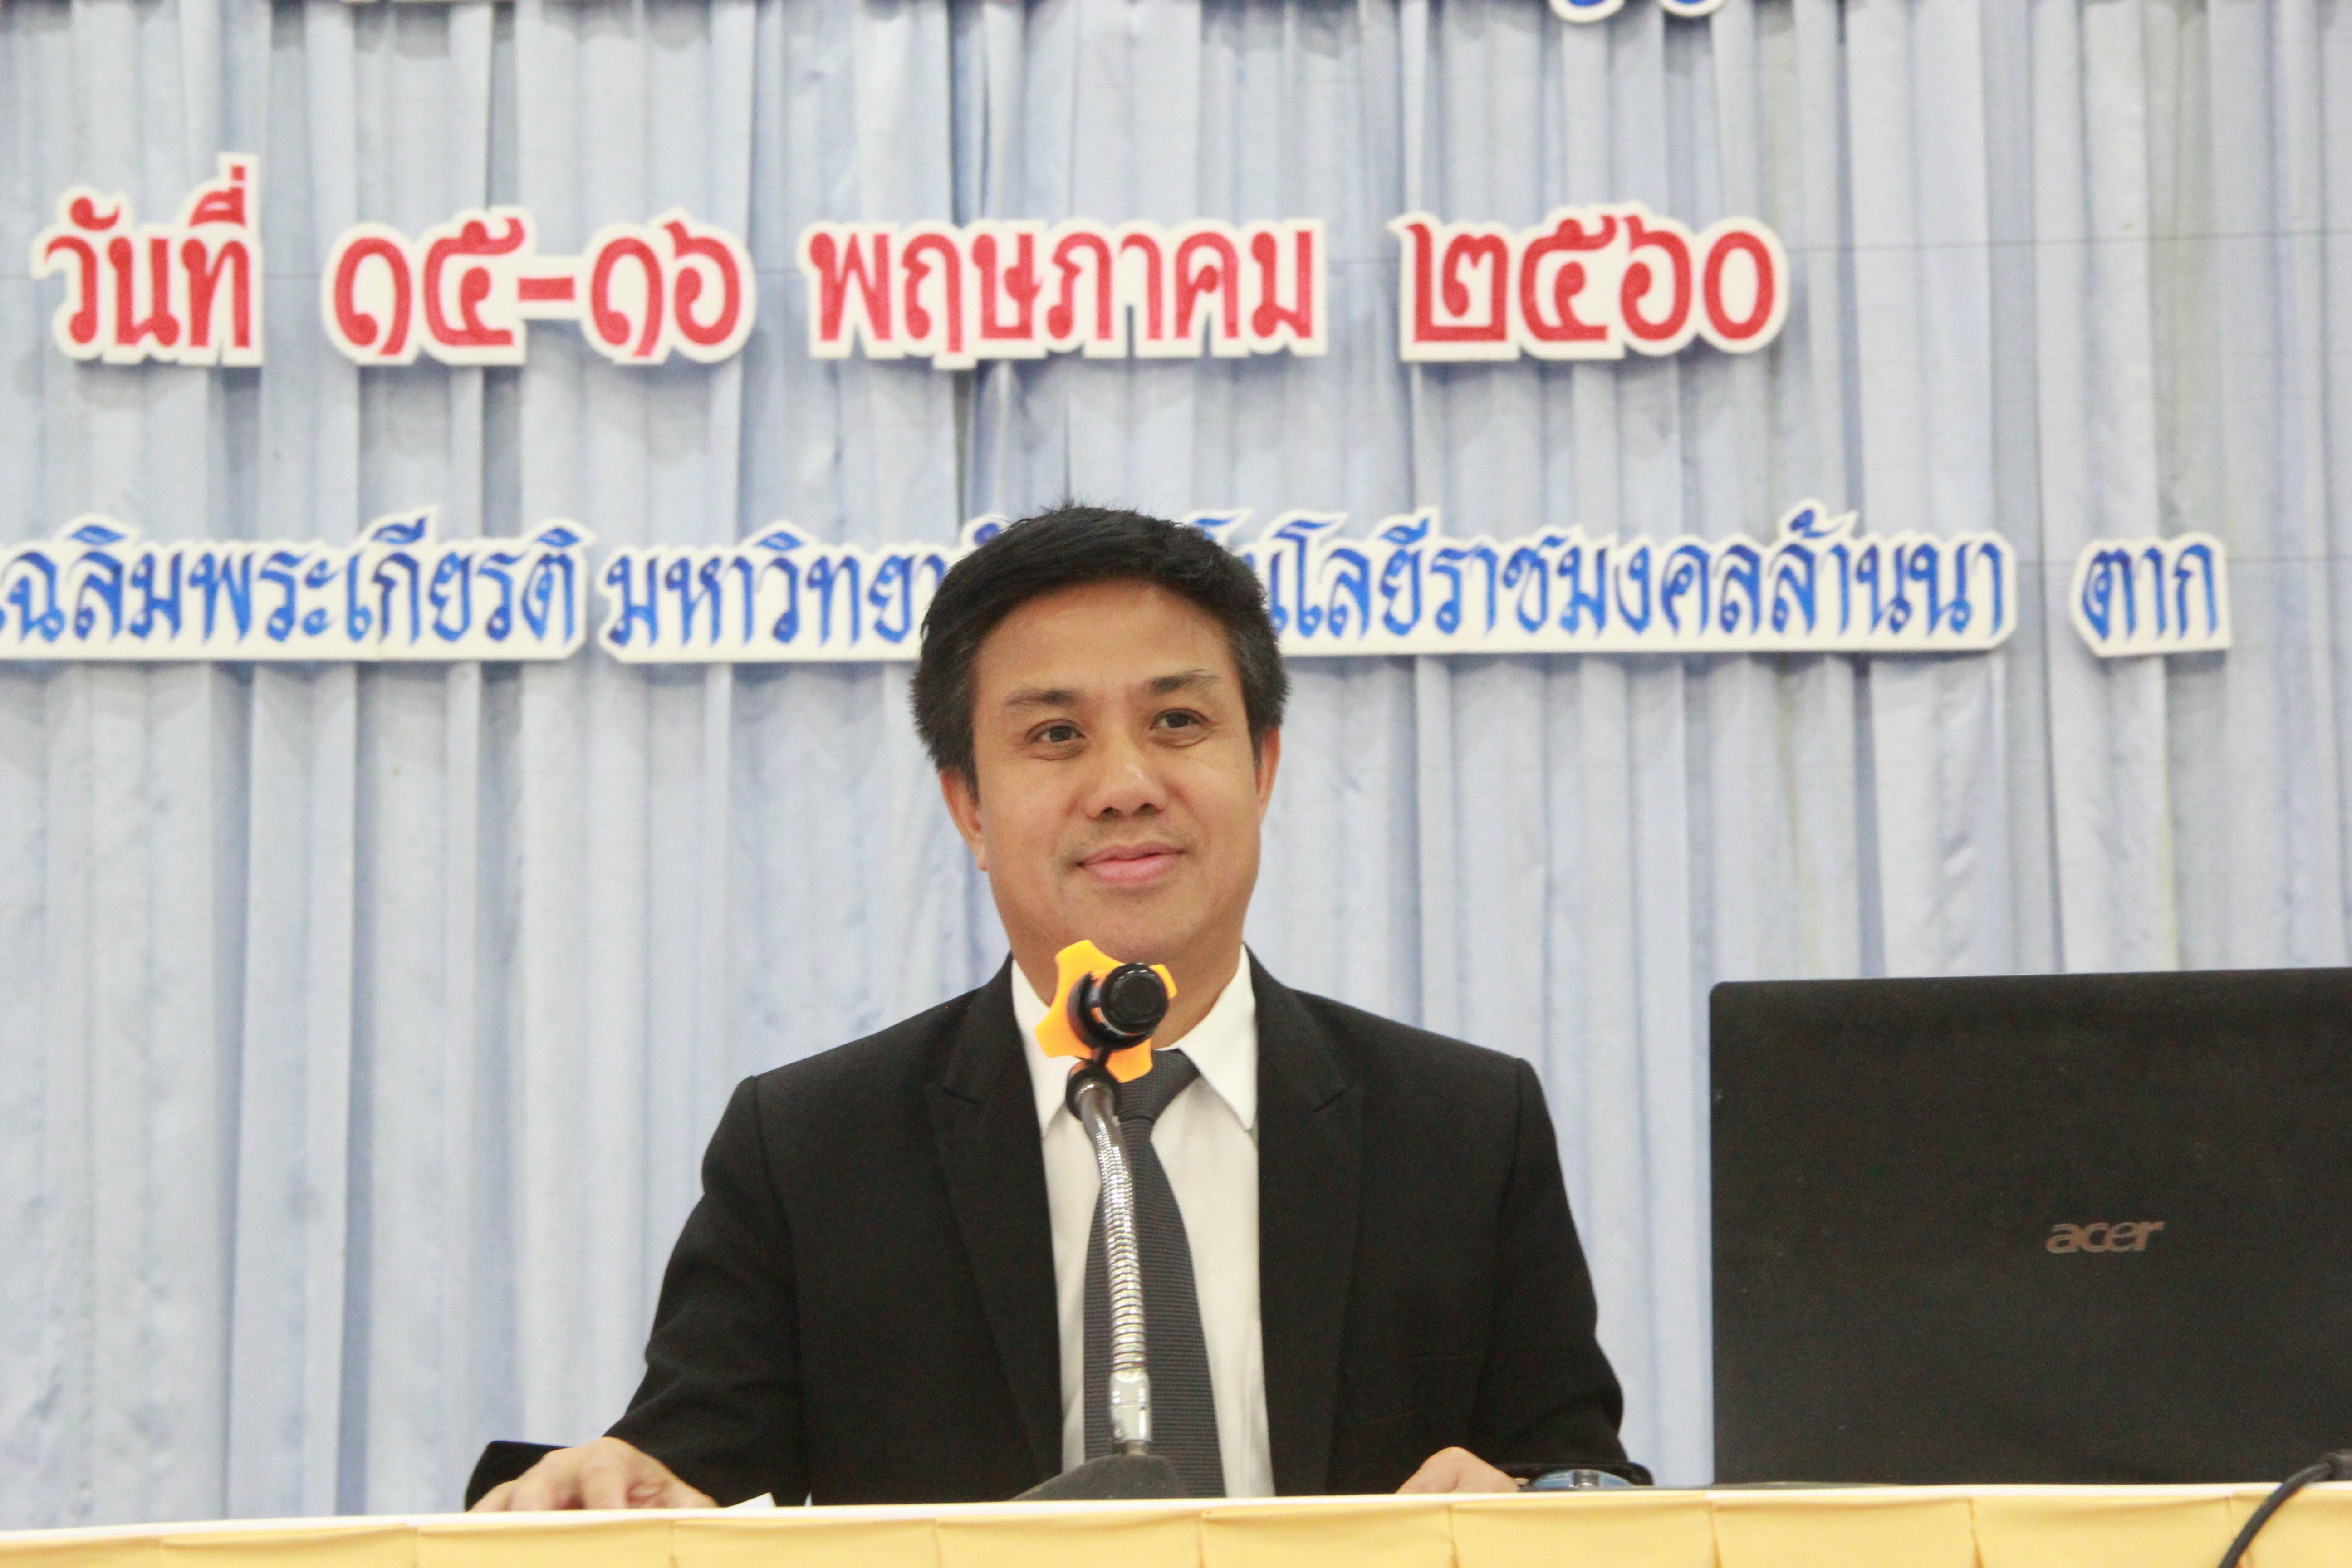 ปัจฉิมนิเทศนักศึกษา ปริญญาตรี ปีการศึกษา 2559